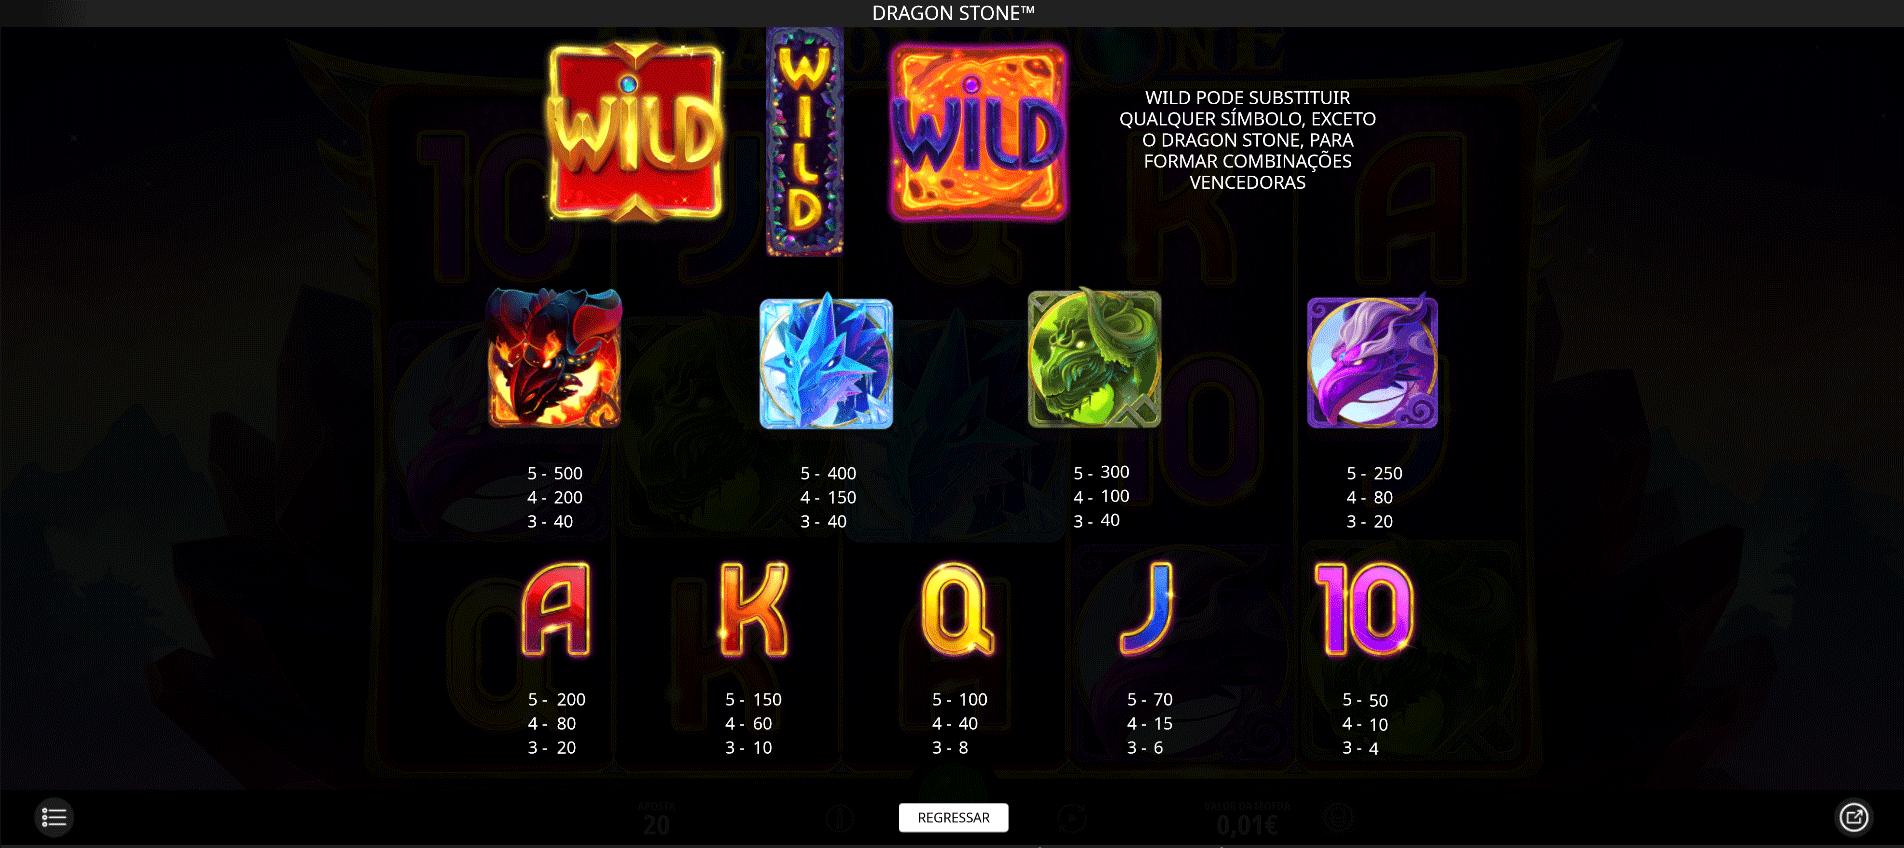 tabella dei pagamenti slot machine dragon stone